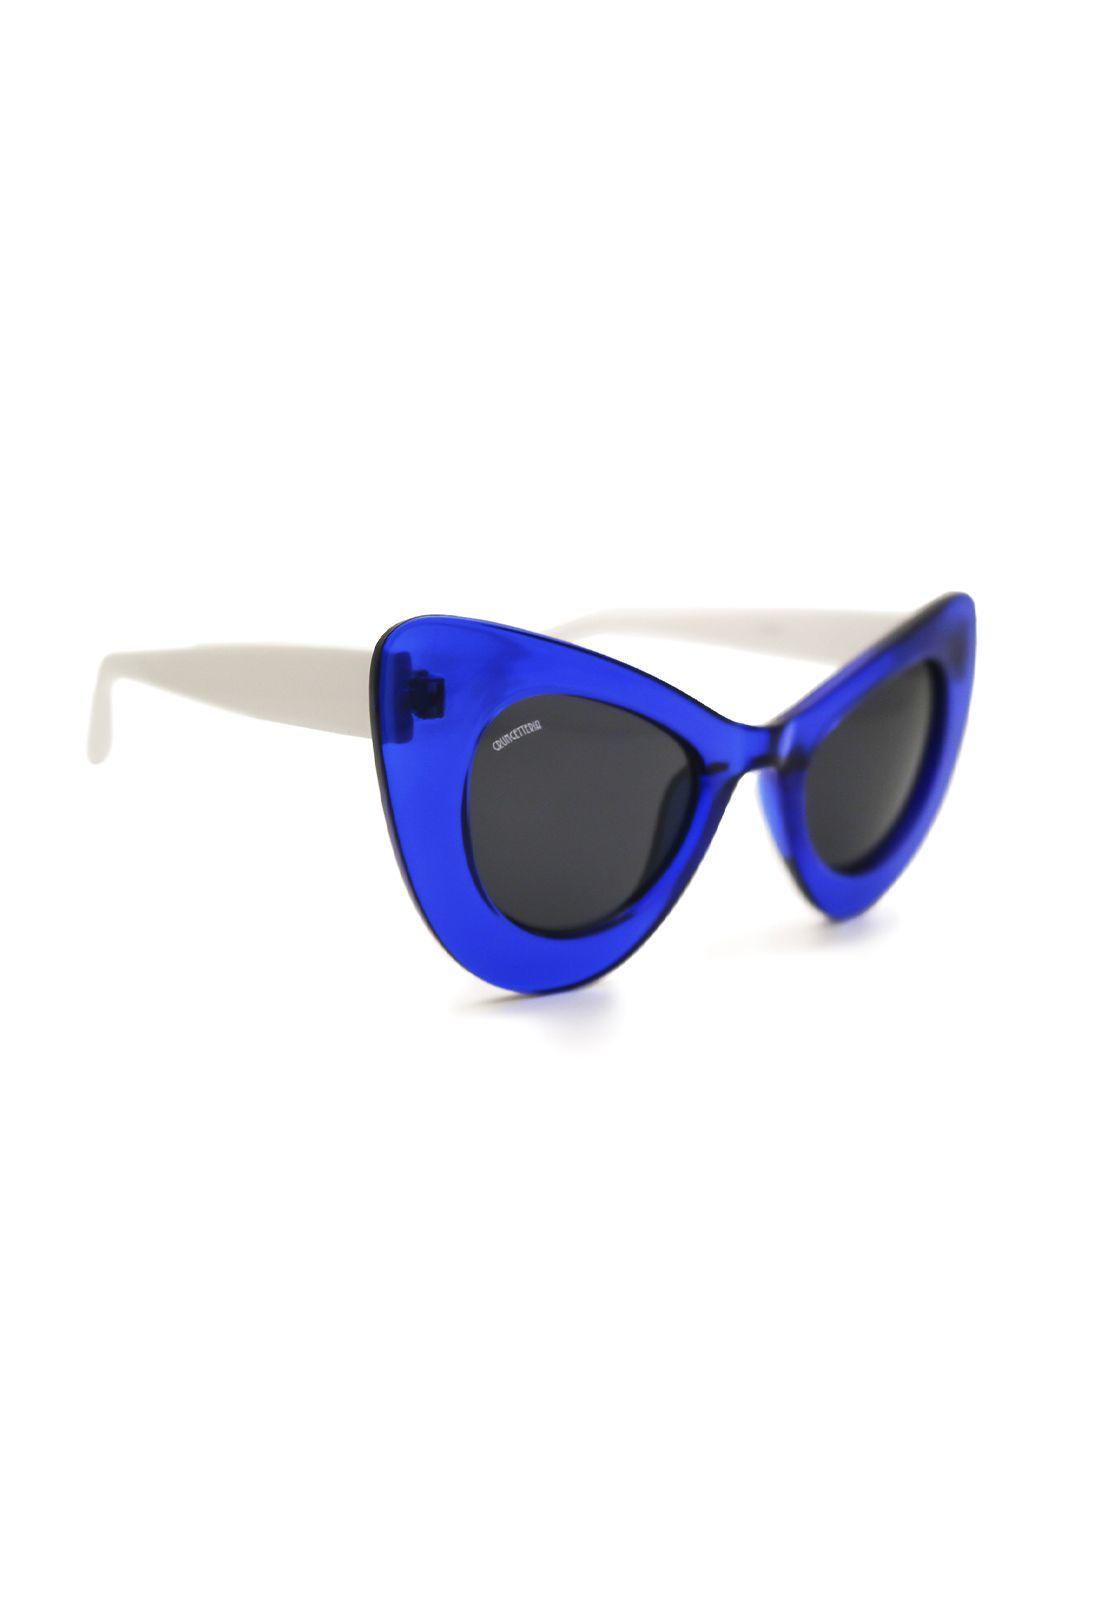 Óculos de Sol Grungetteria Lola Azul